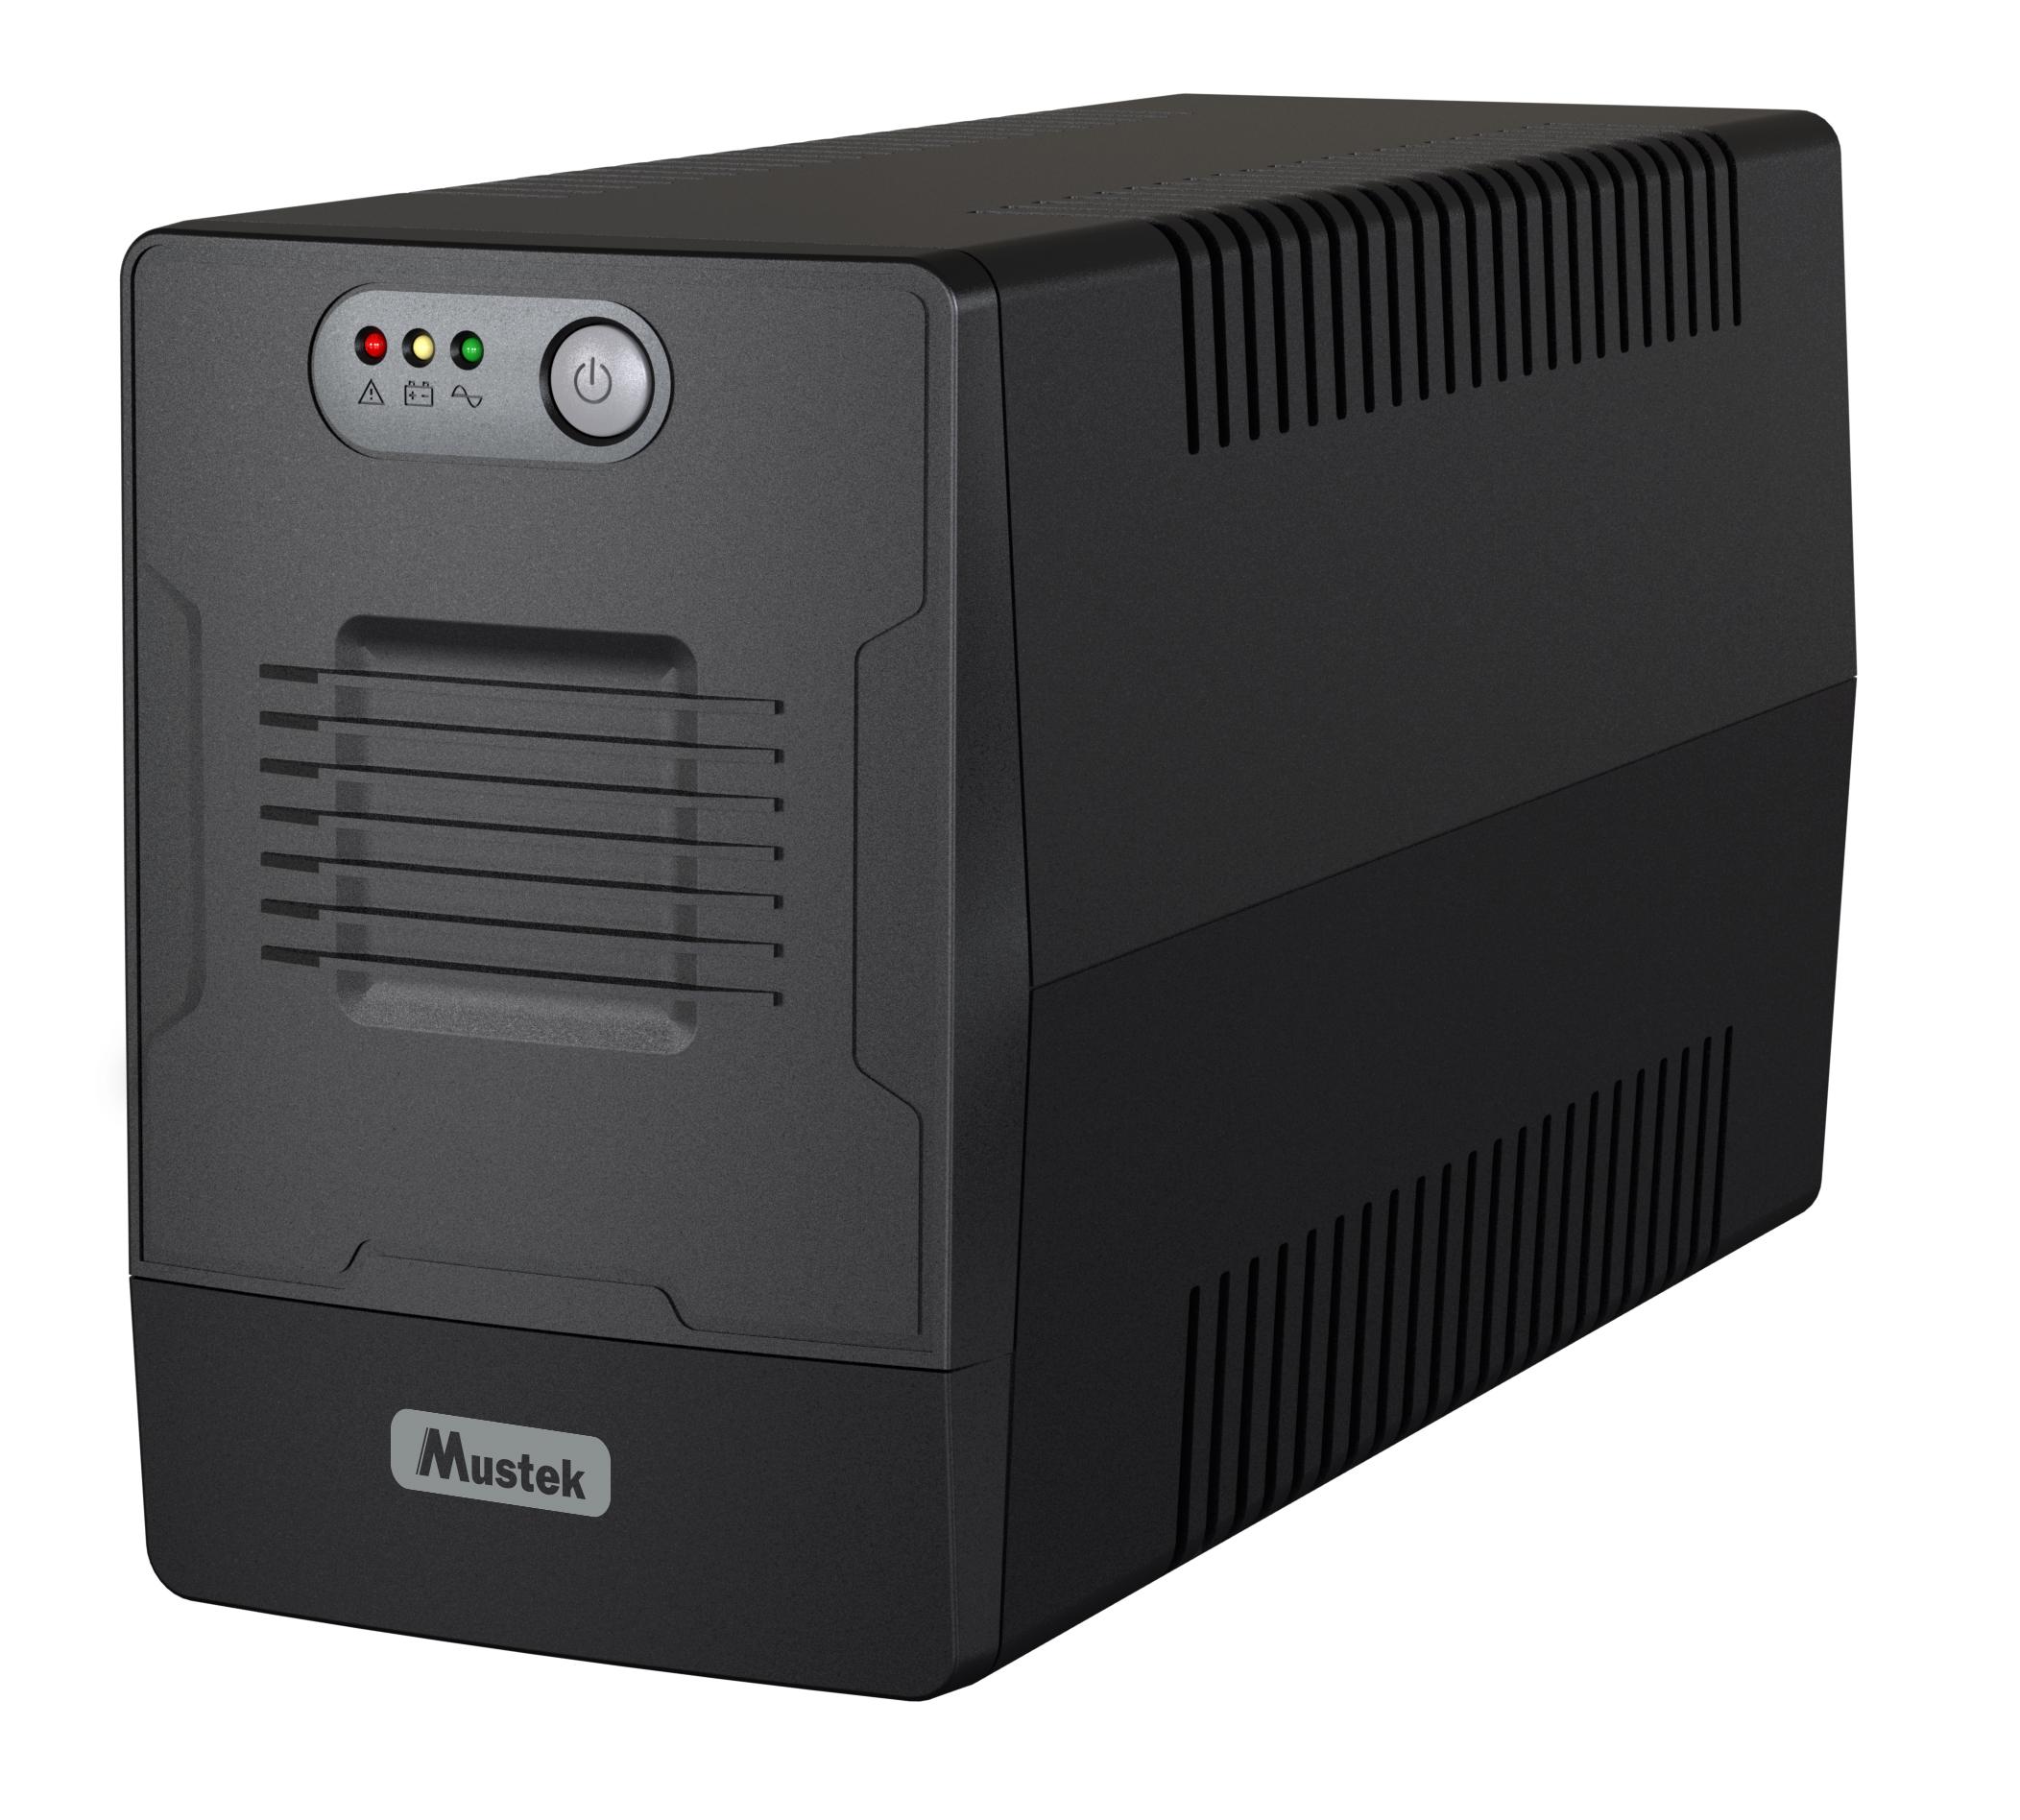 UPS Mustek PowerMust 1500 Line Interactive 1500VA/900W 4xSchuko